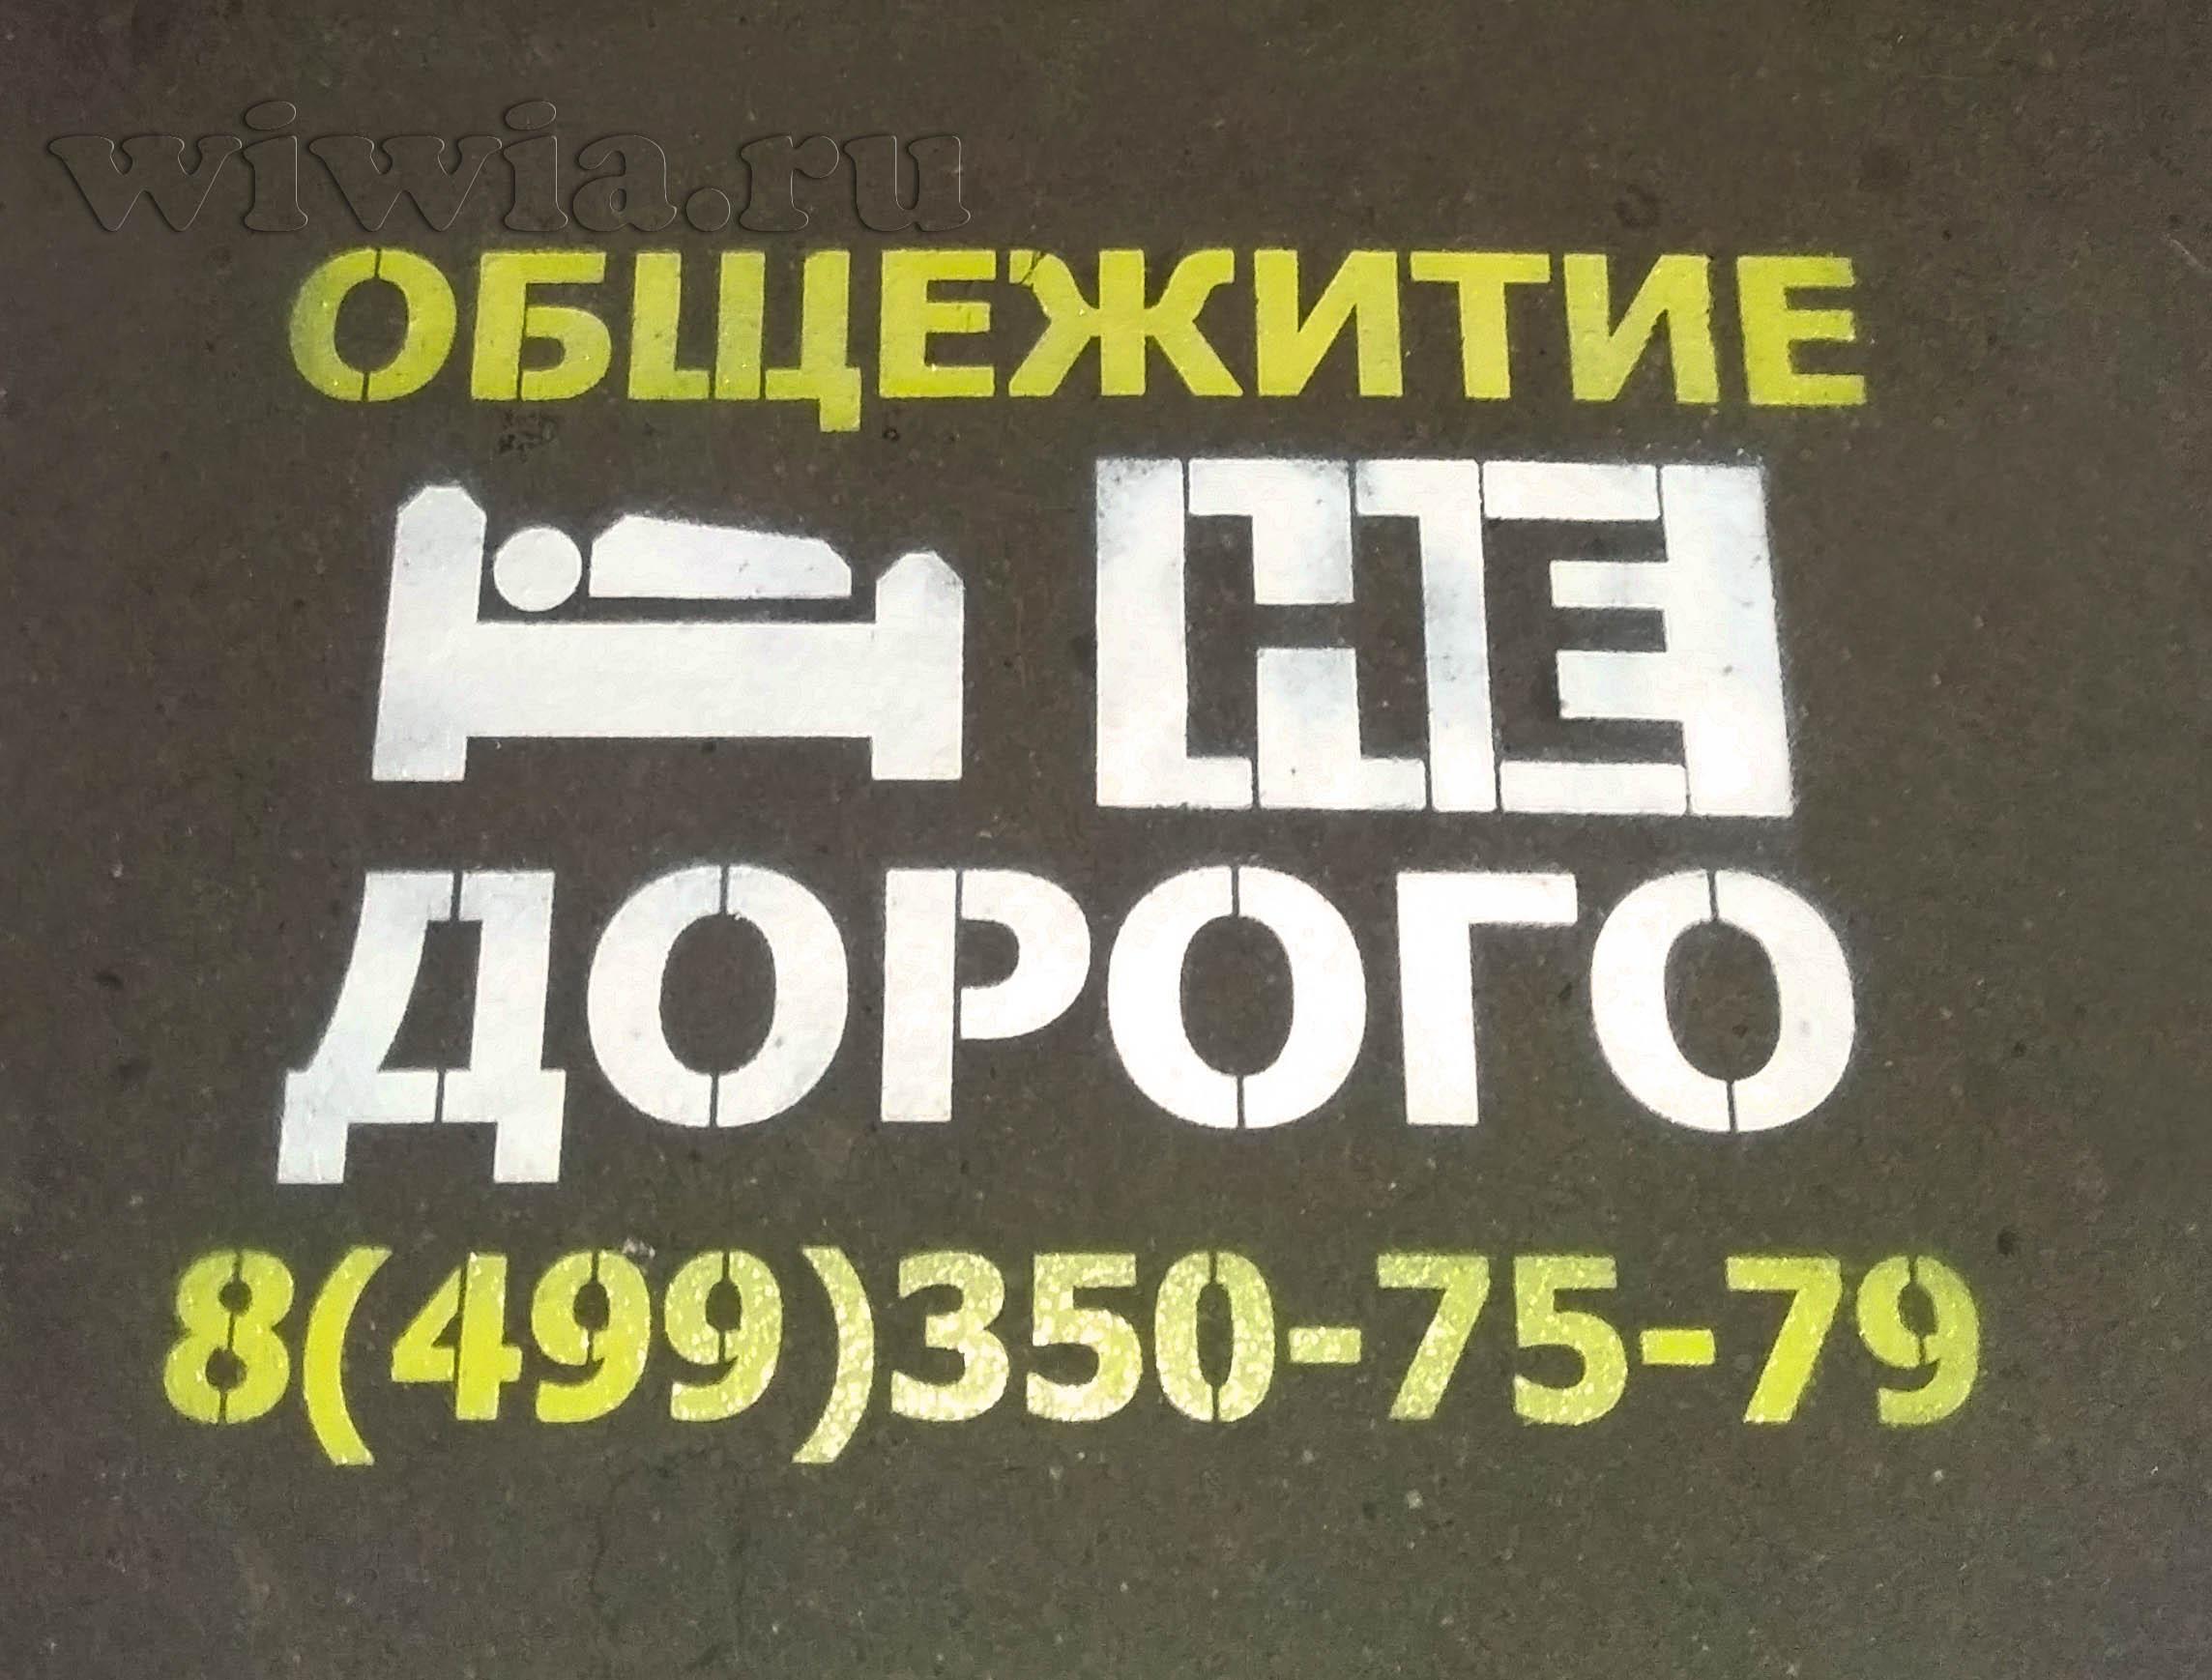 Реклама на асфальте. Общежитие.